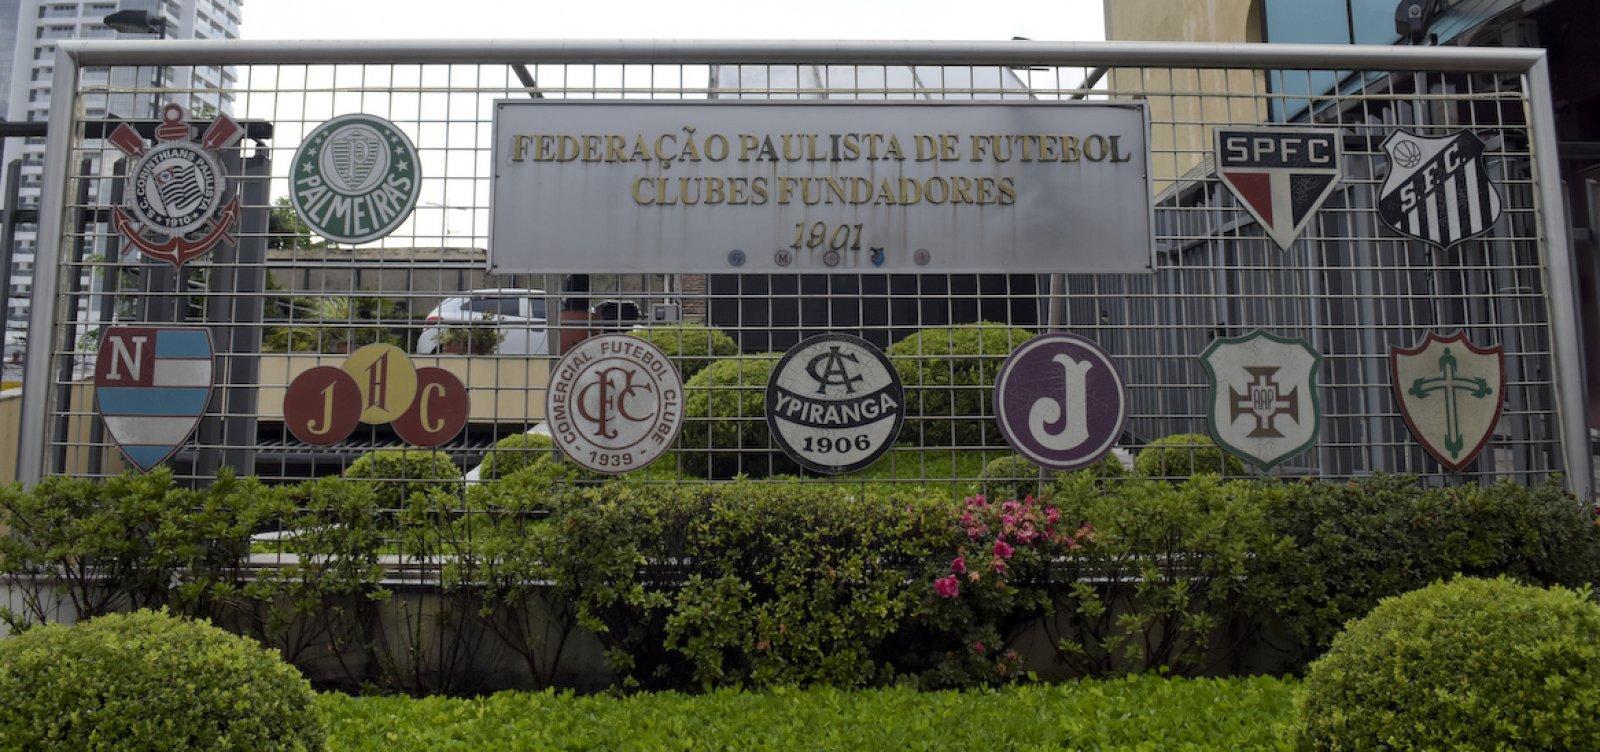 Governo de SP decide paralisar Campeonato Paulista devido à Covid